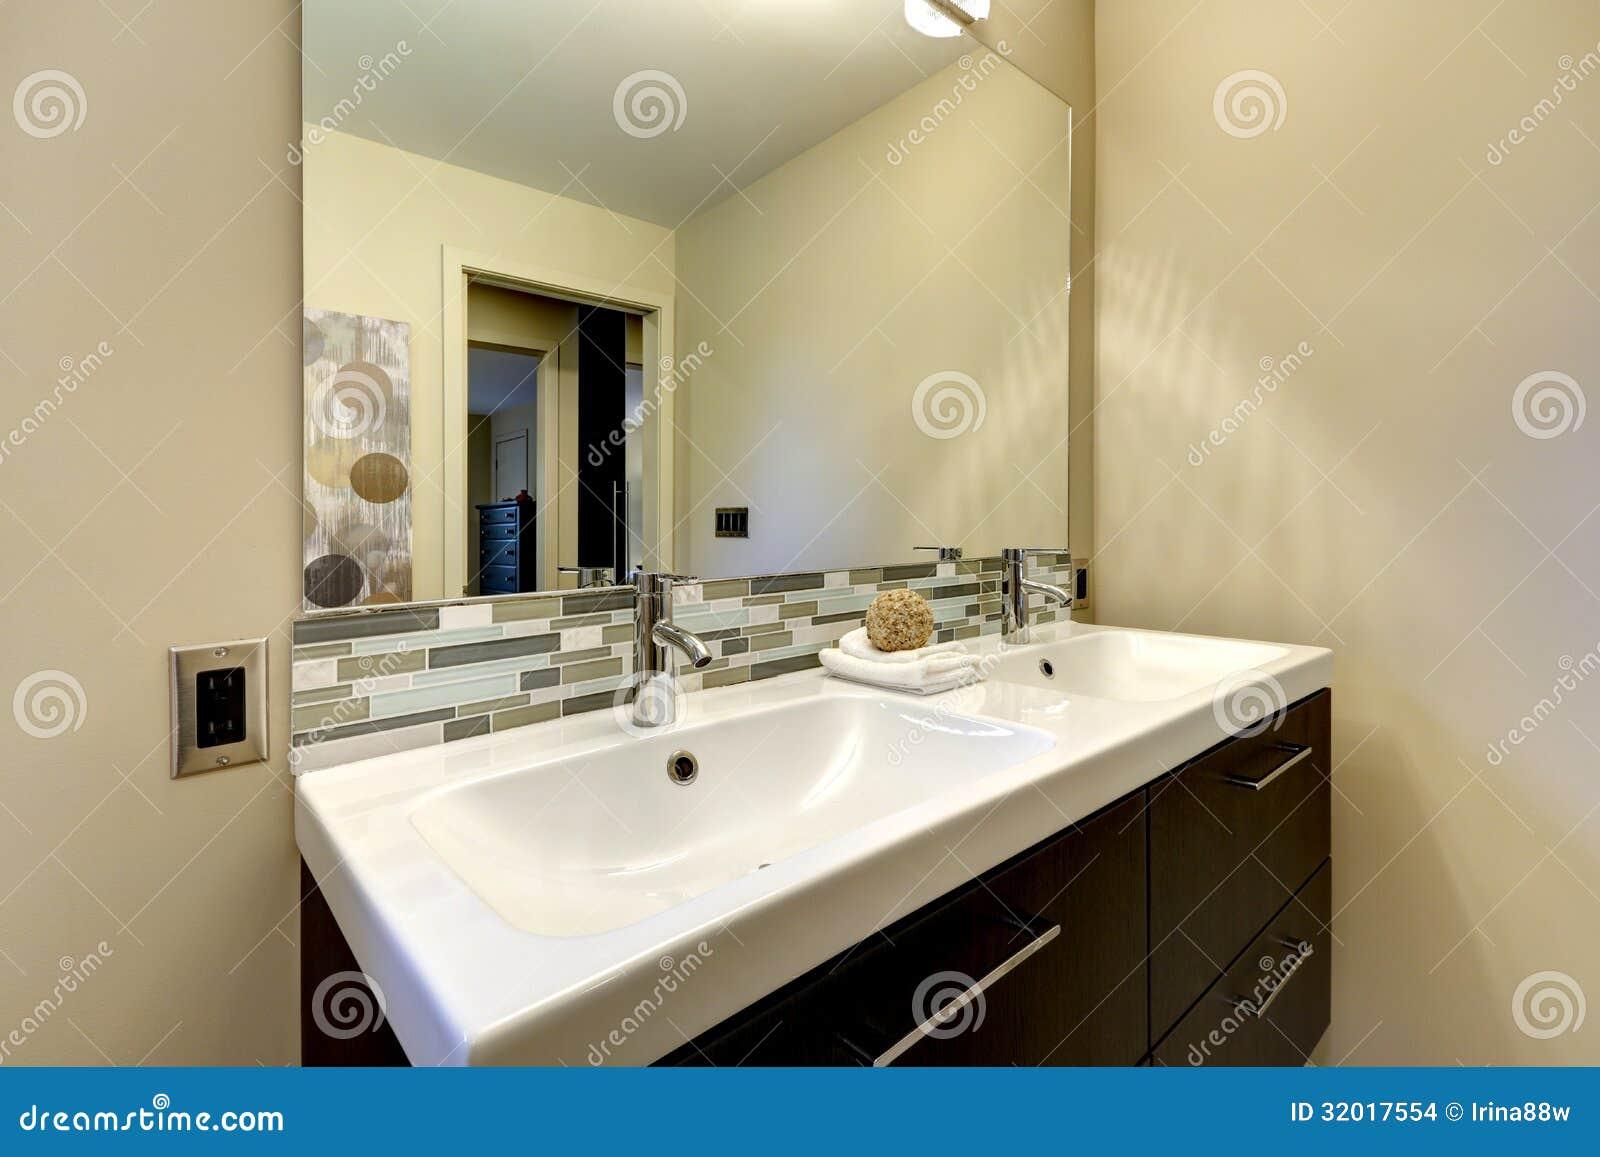 Imagenes De Baños Grandes Modernos:Imagenes de archivo: Fregadero blanco doble grande del cuarto de baño